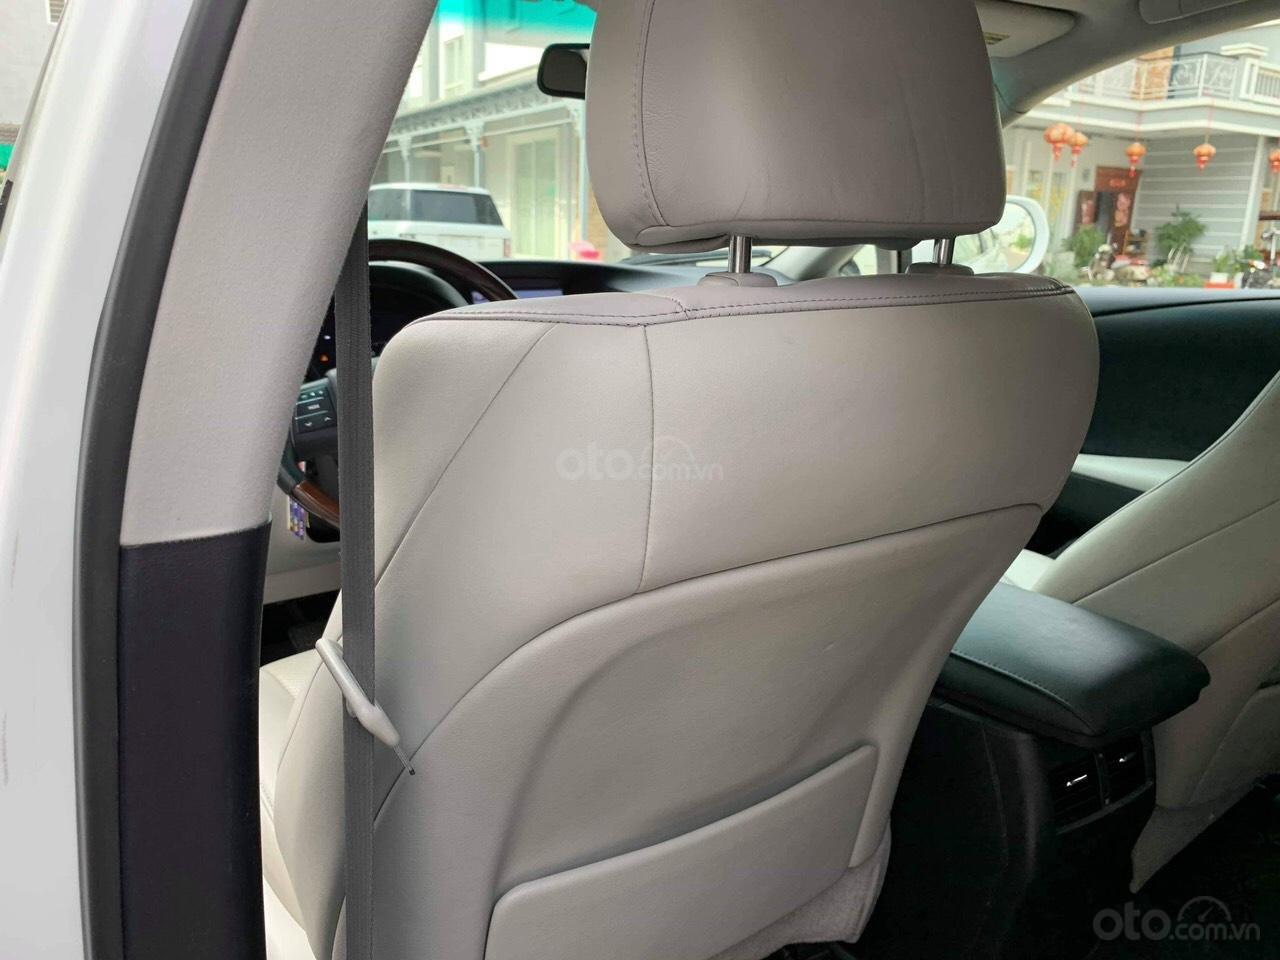 Bán Lexus RX 450h năm 2013, màu trắng, xe nhập, giá 500tr (13)